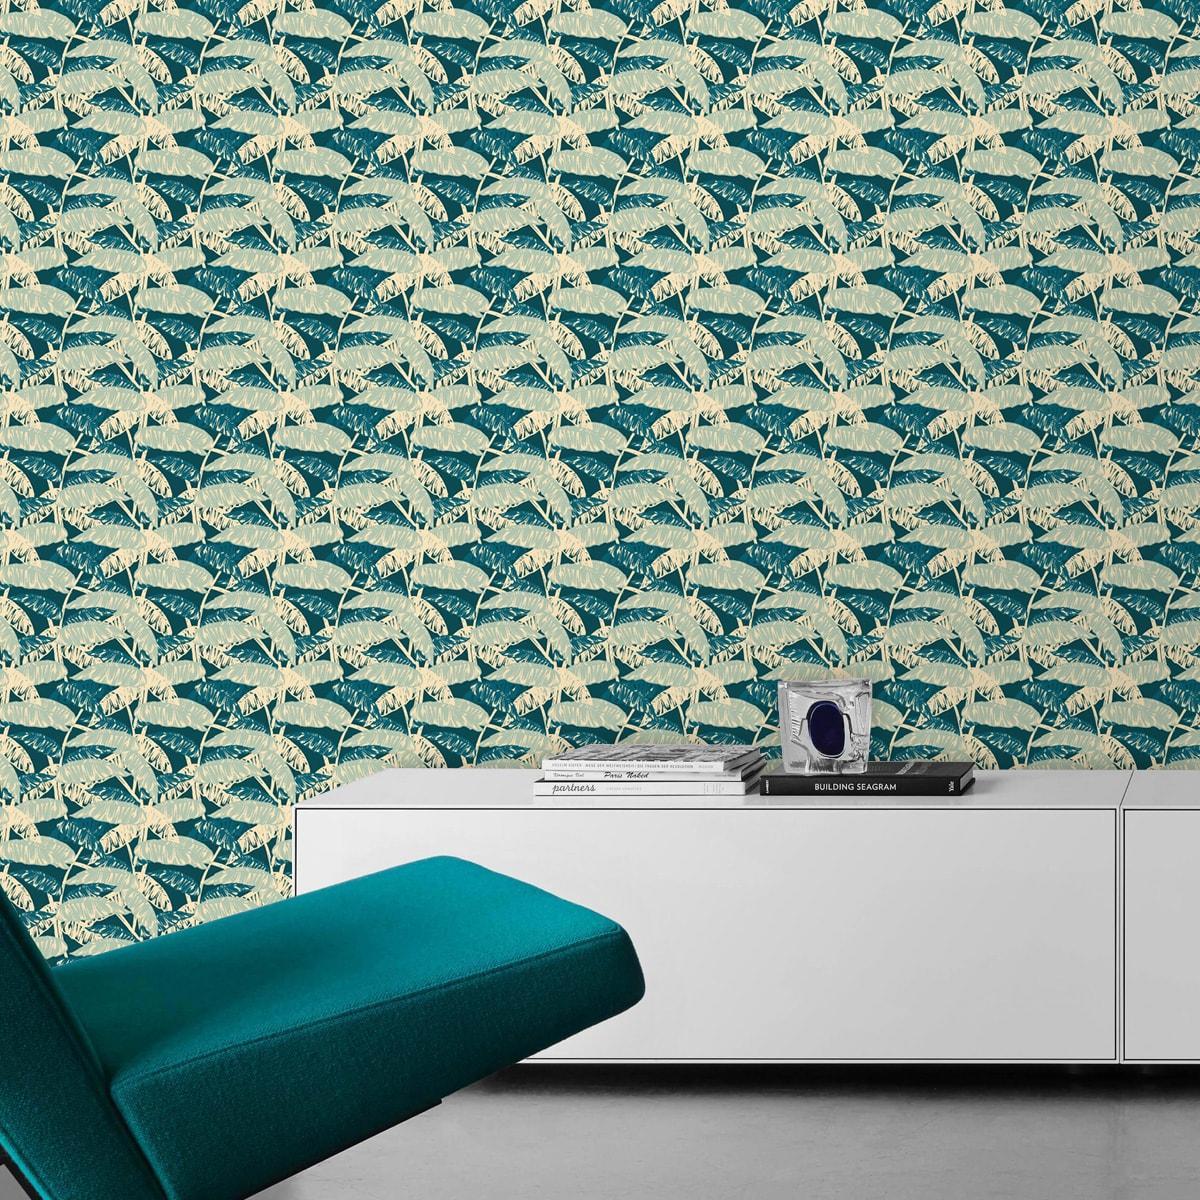 """Grün blaue Tapete """"Wild Bananas"""" mit Blättern, Vlies Tapete üppige Blumentapete für Flur, Büro"""